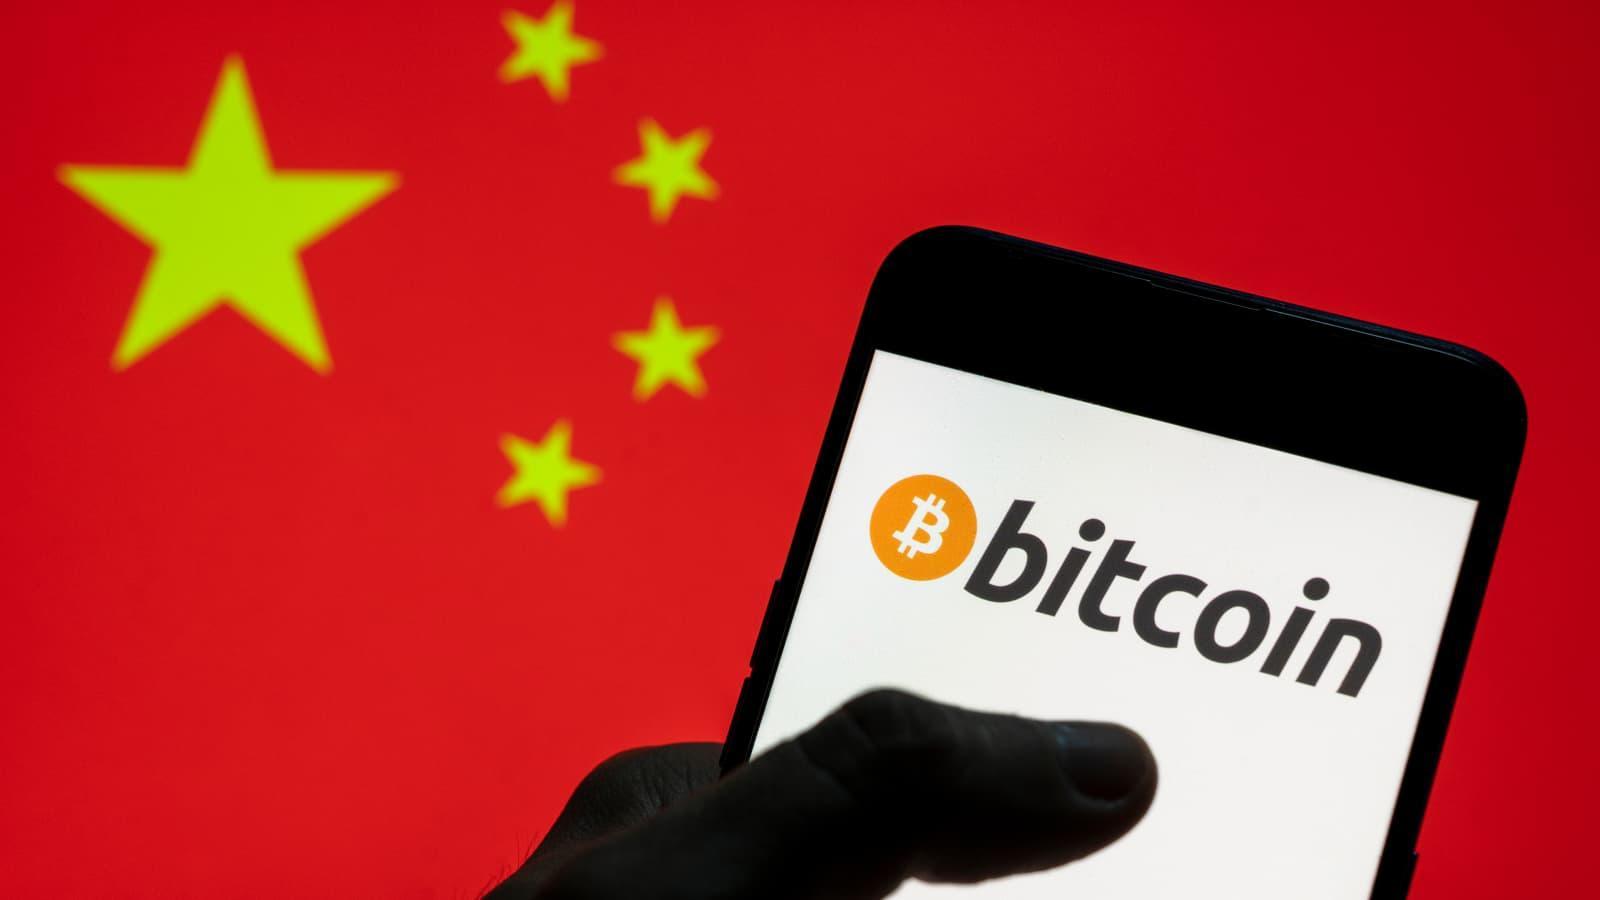 China's latest move on crypto regulation nothing new, says HSBC